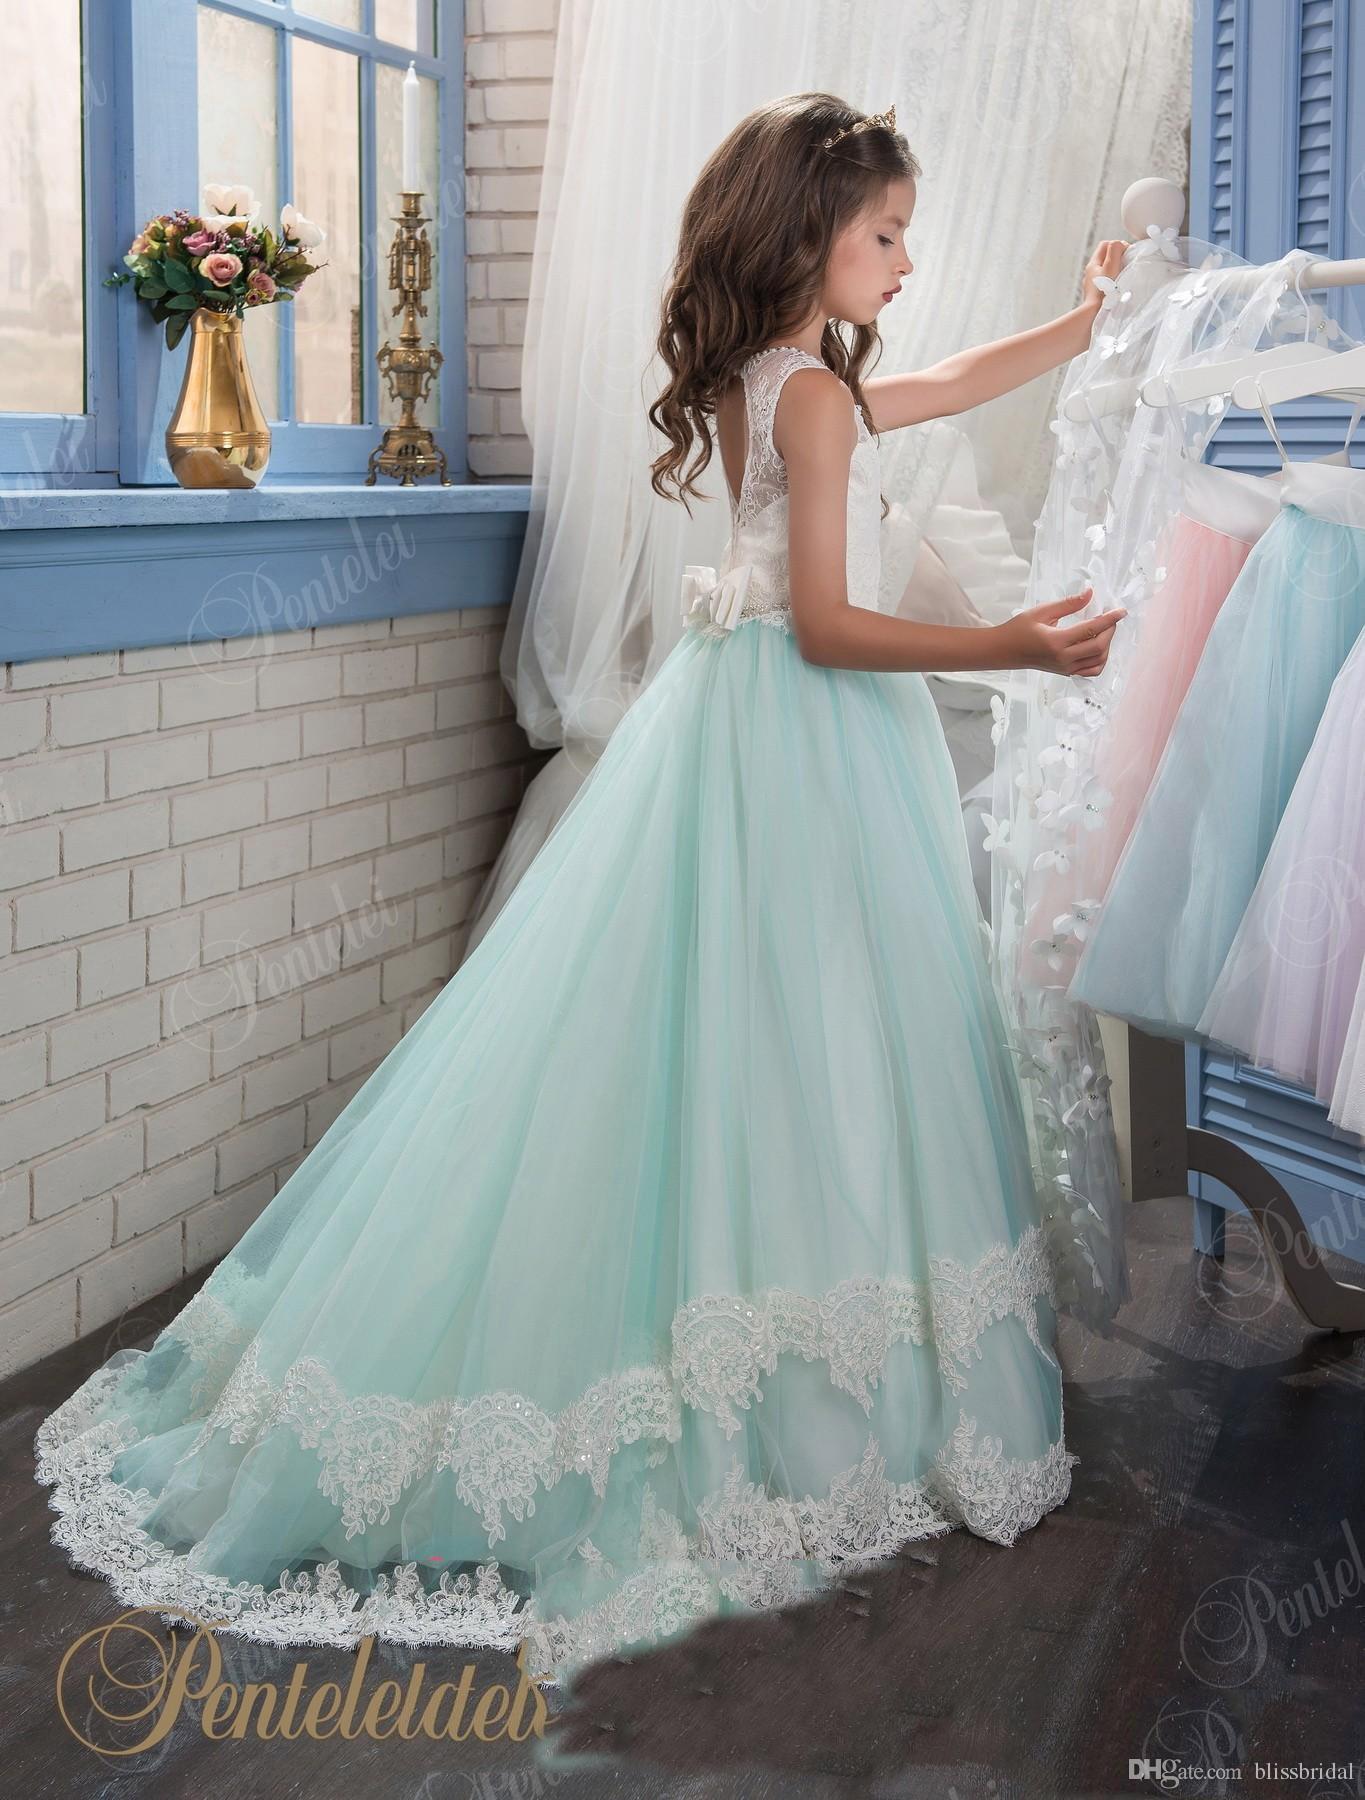 Bonito Lace Flower Girls Vestidos Sem Encosto A Linha Jewel Meninas Pageant Vestido 2017 Branco e Azul Até O Chão Crianças Comunhão Vestidos